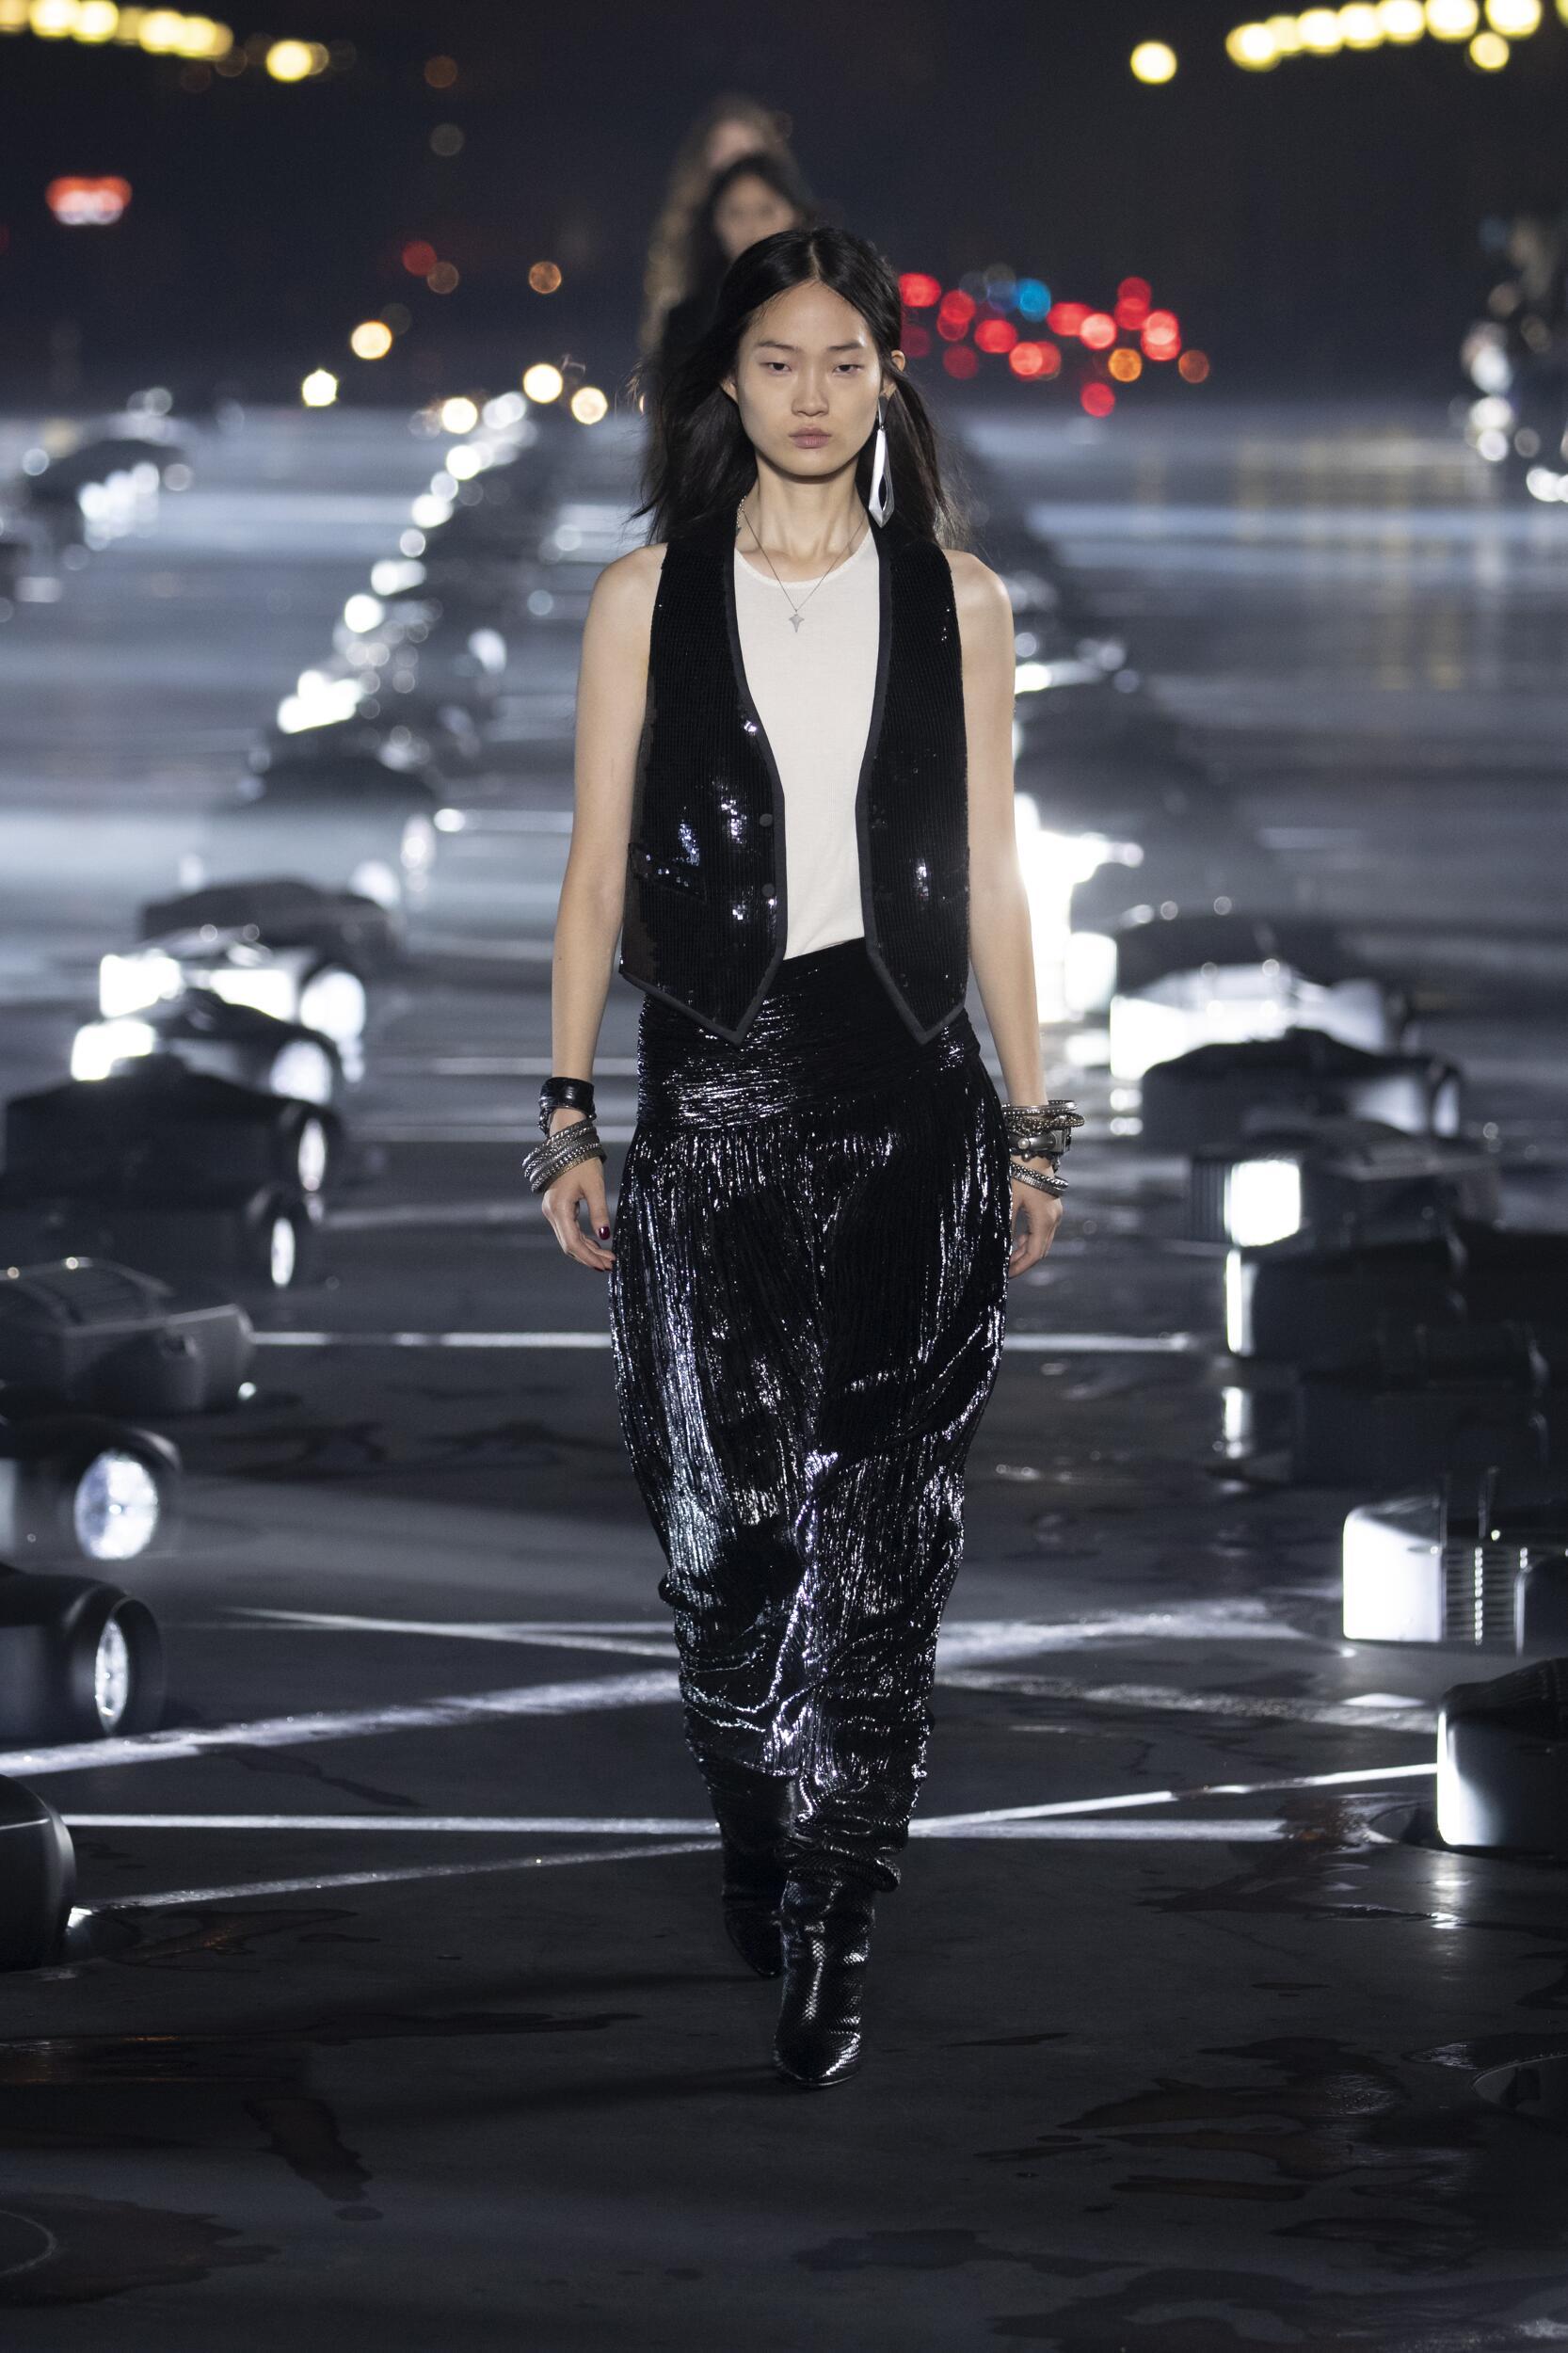 Catwalk Saint Laurent Woman Fashion Show Summer 2020